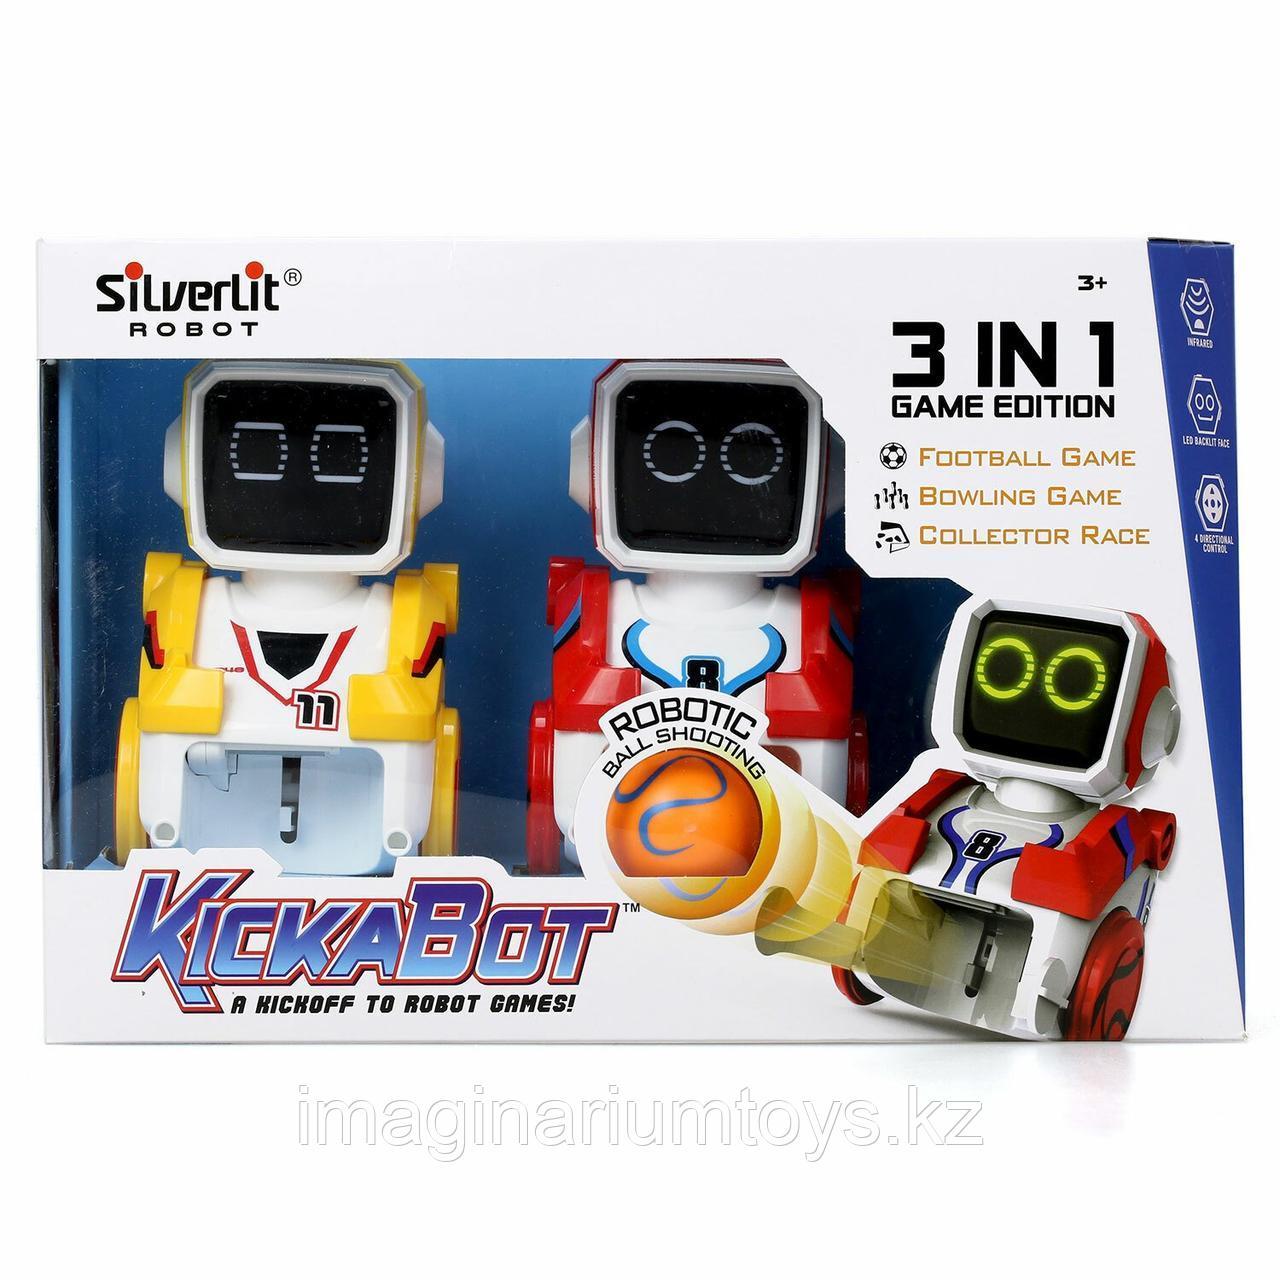 Роботы футболисты Silverlit Кикабот двойной набор